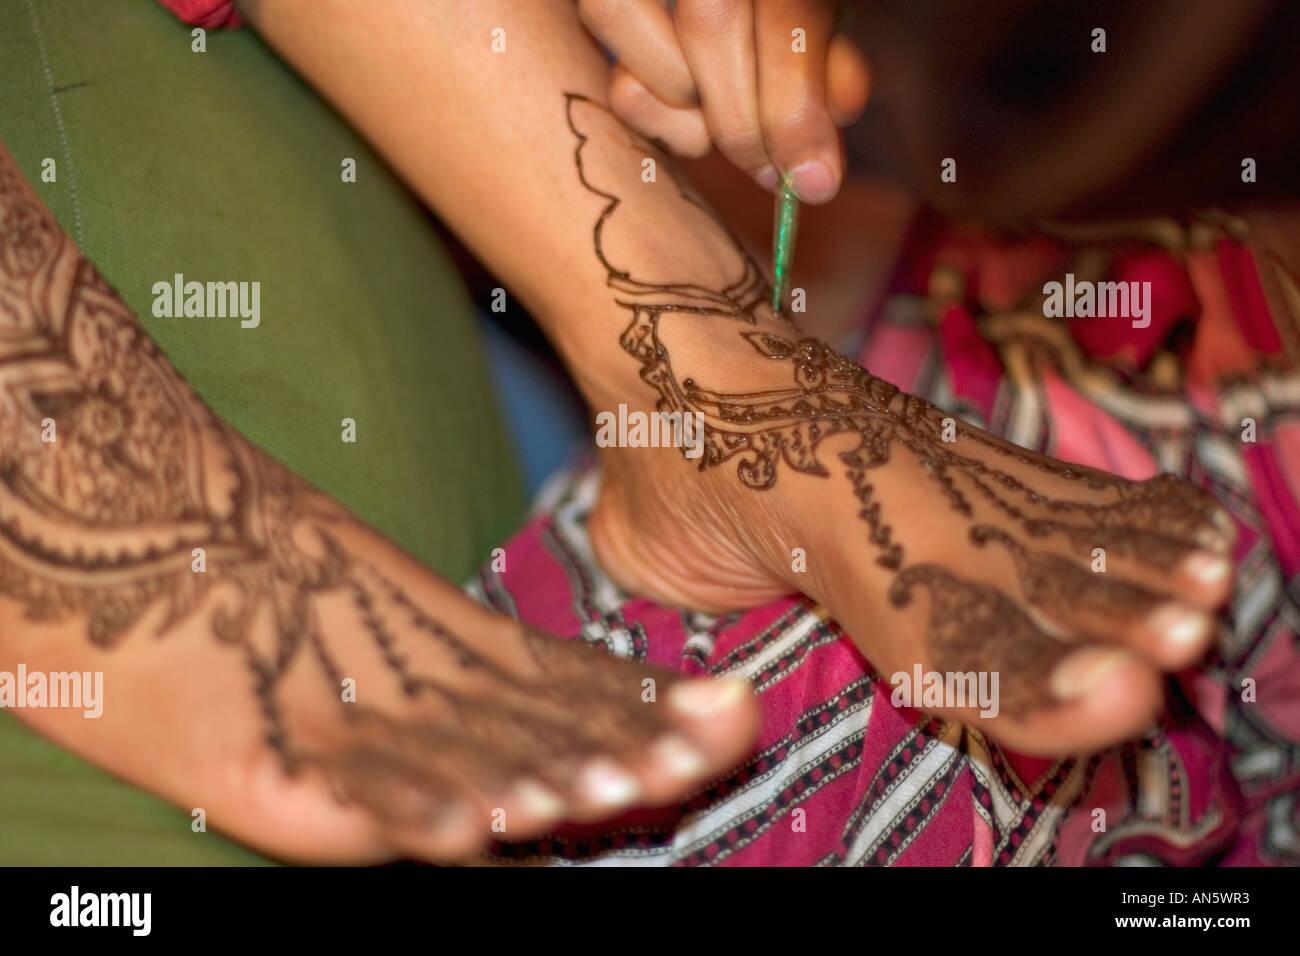 close up indian bridal feet stock photos u0026 close up indian bridal